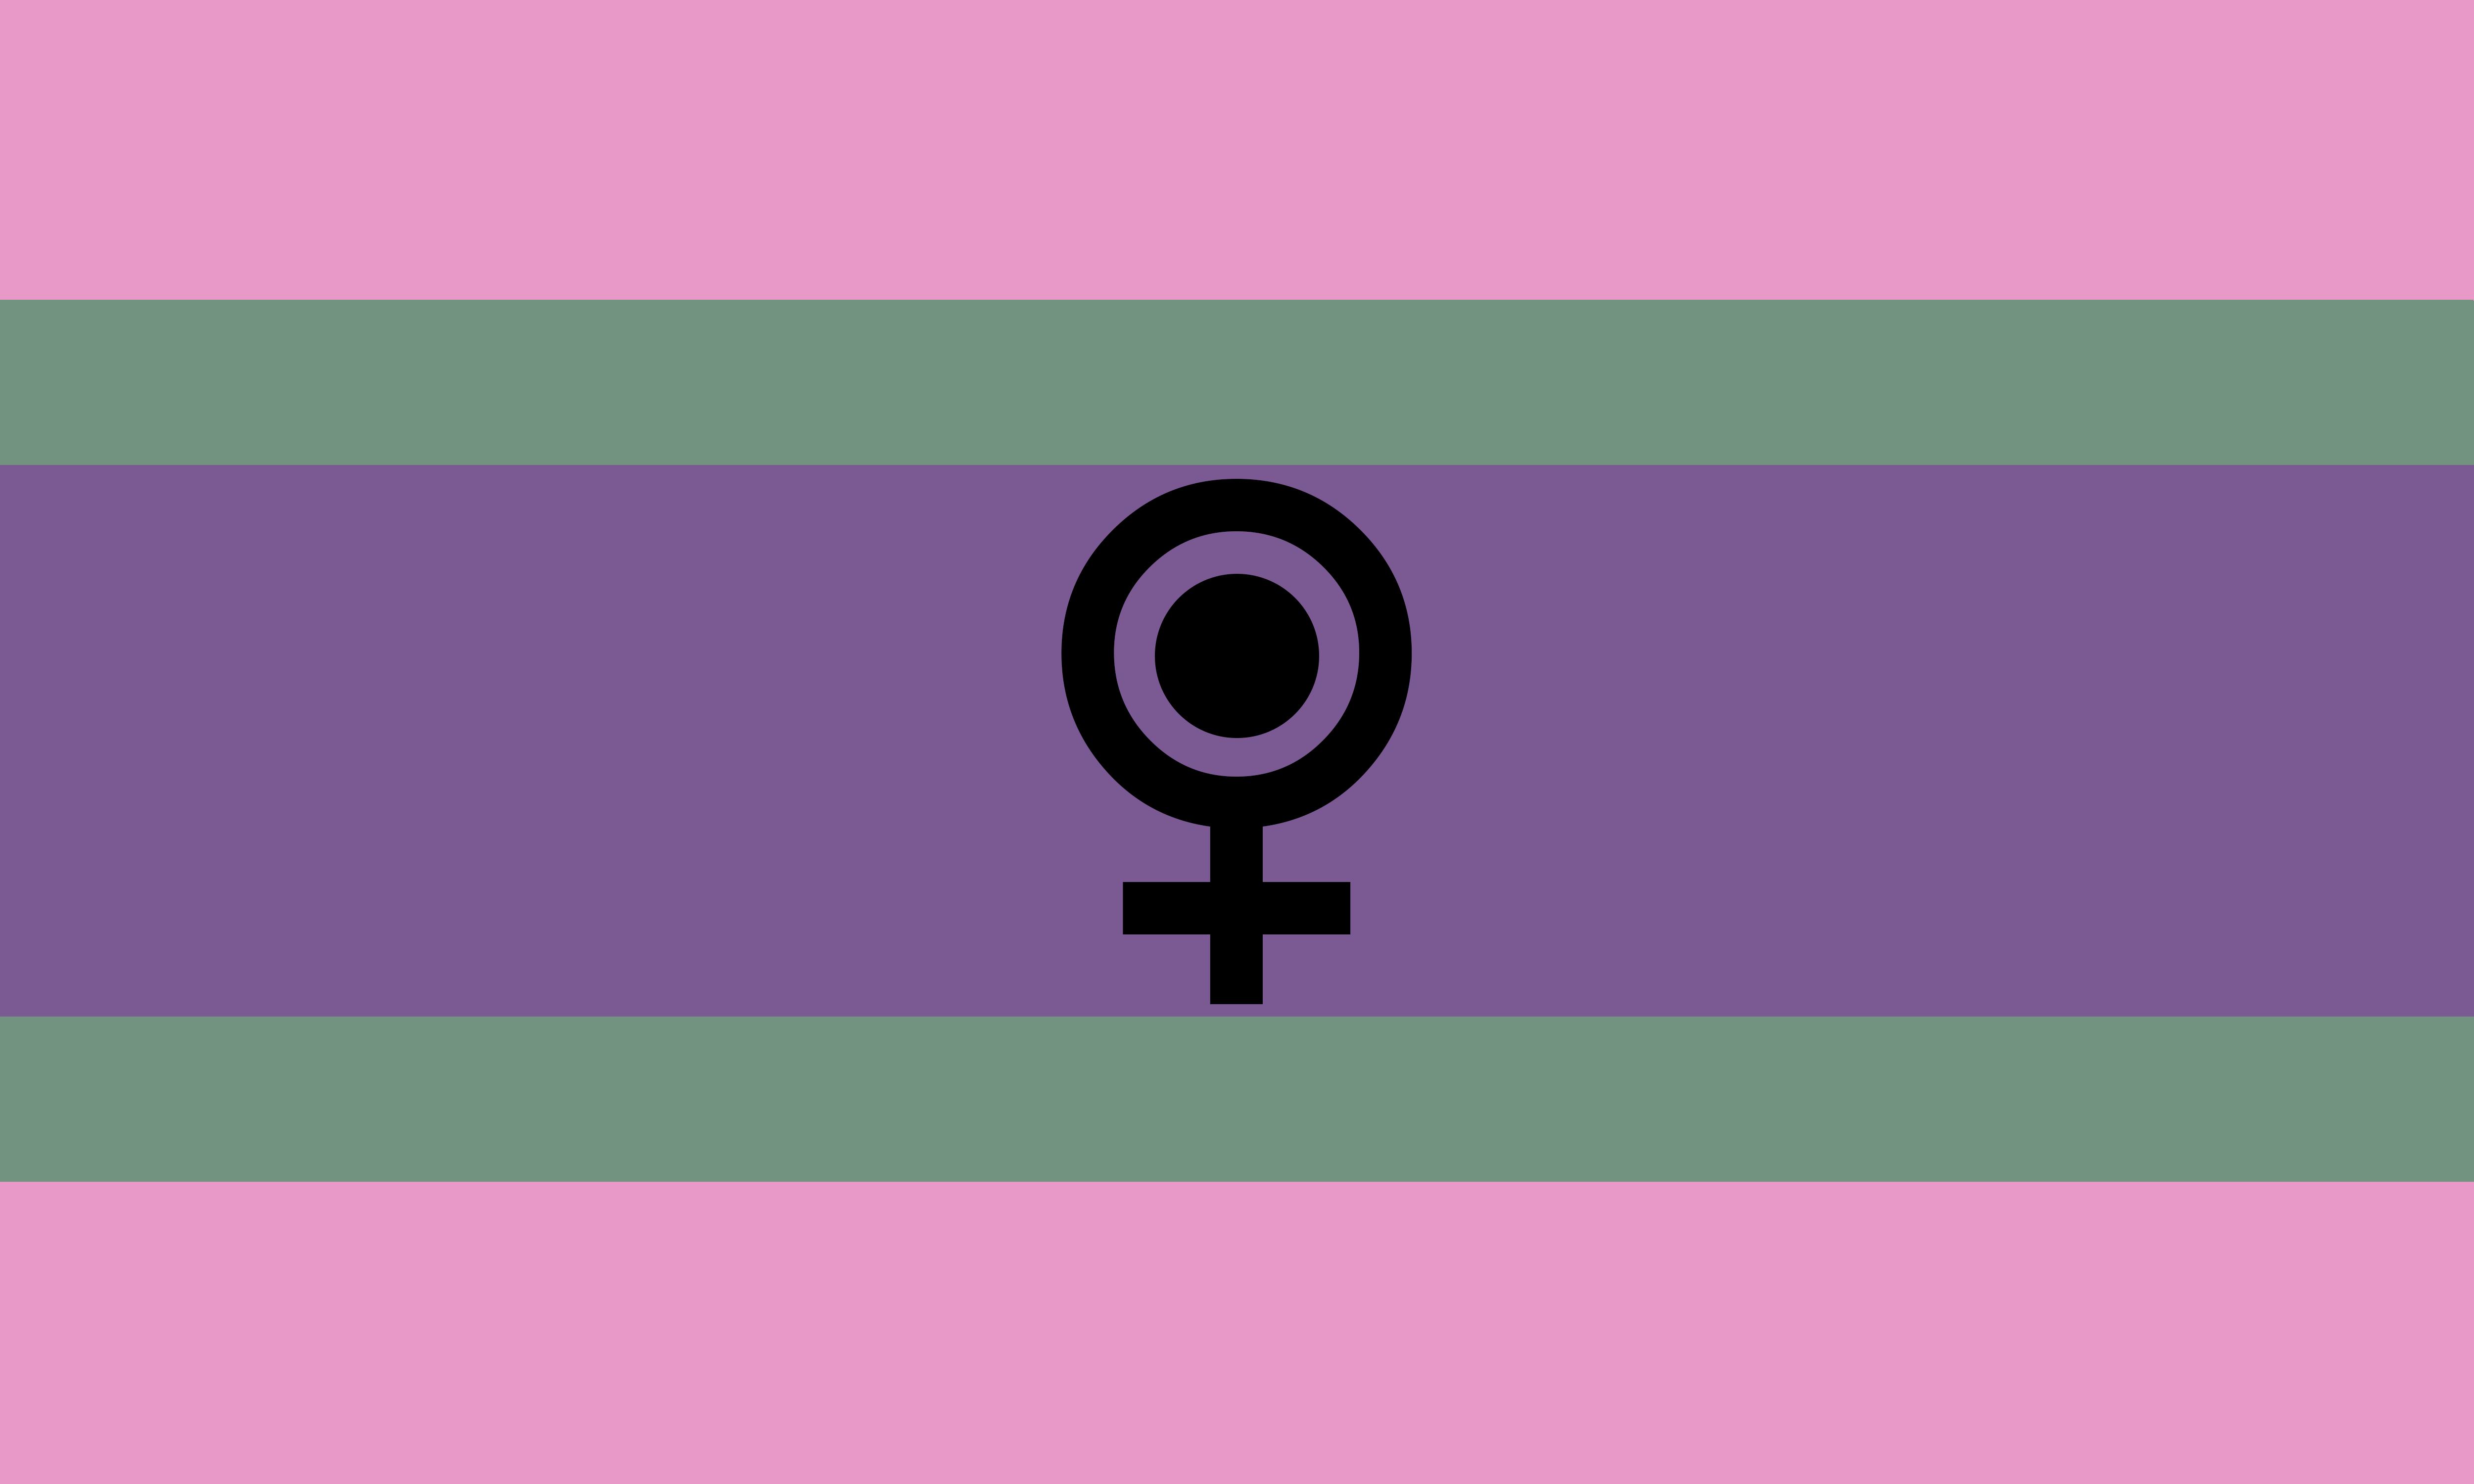 Femgender / Femmegender (2)